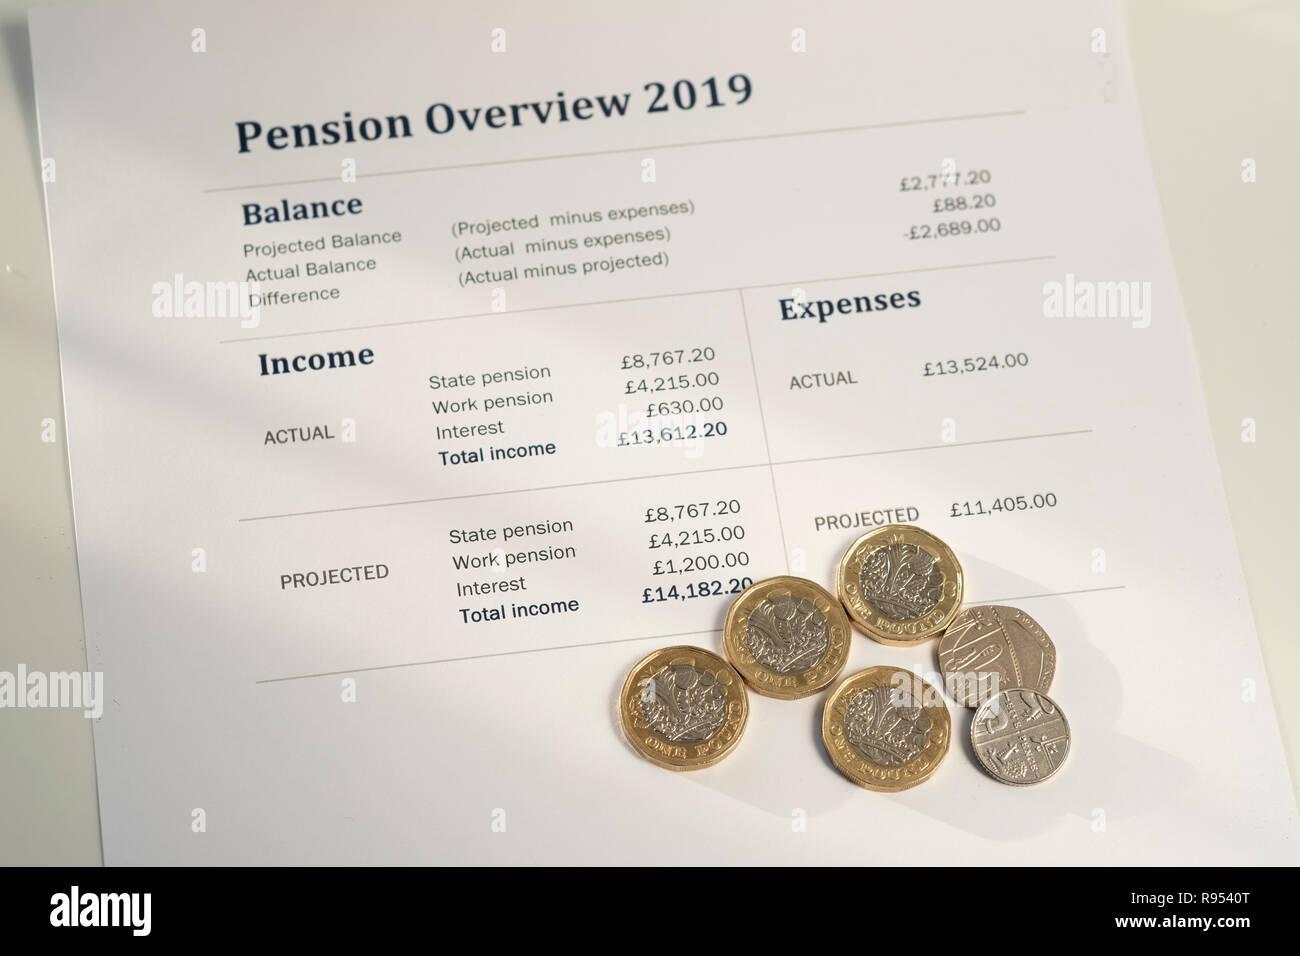 Aumento de pensiones estatales británicos de 4.25 por semana desde abril de 2019 Imagen De Stock